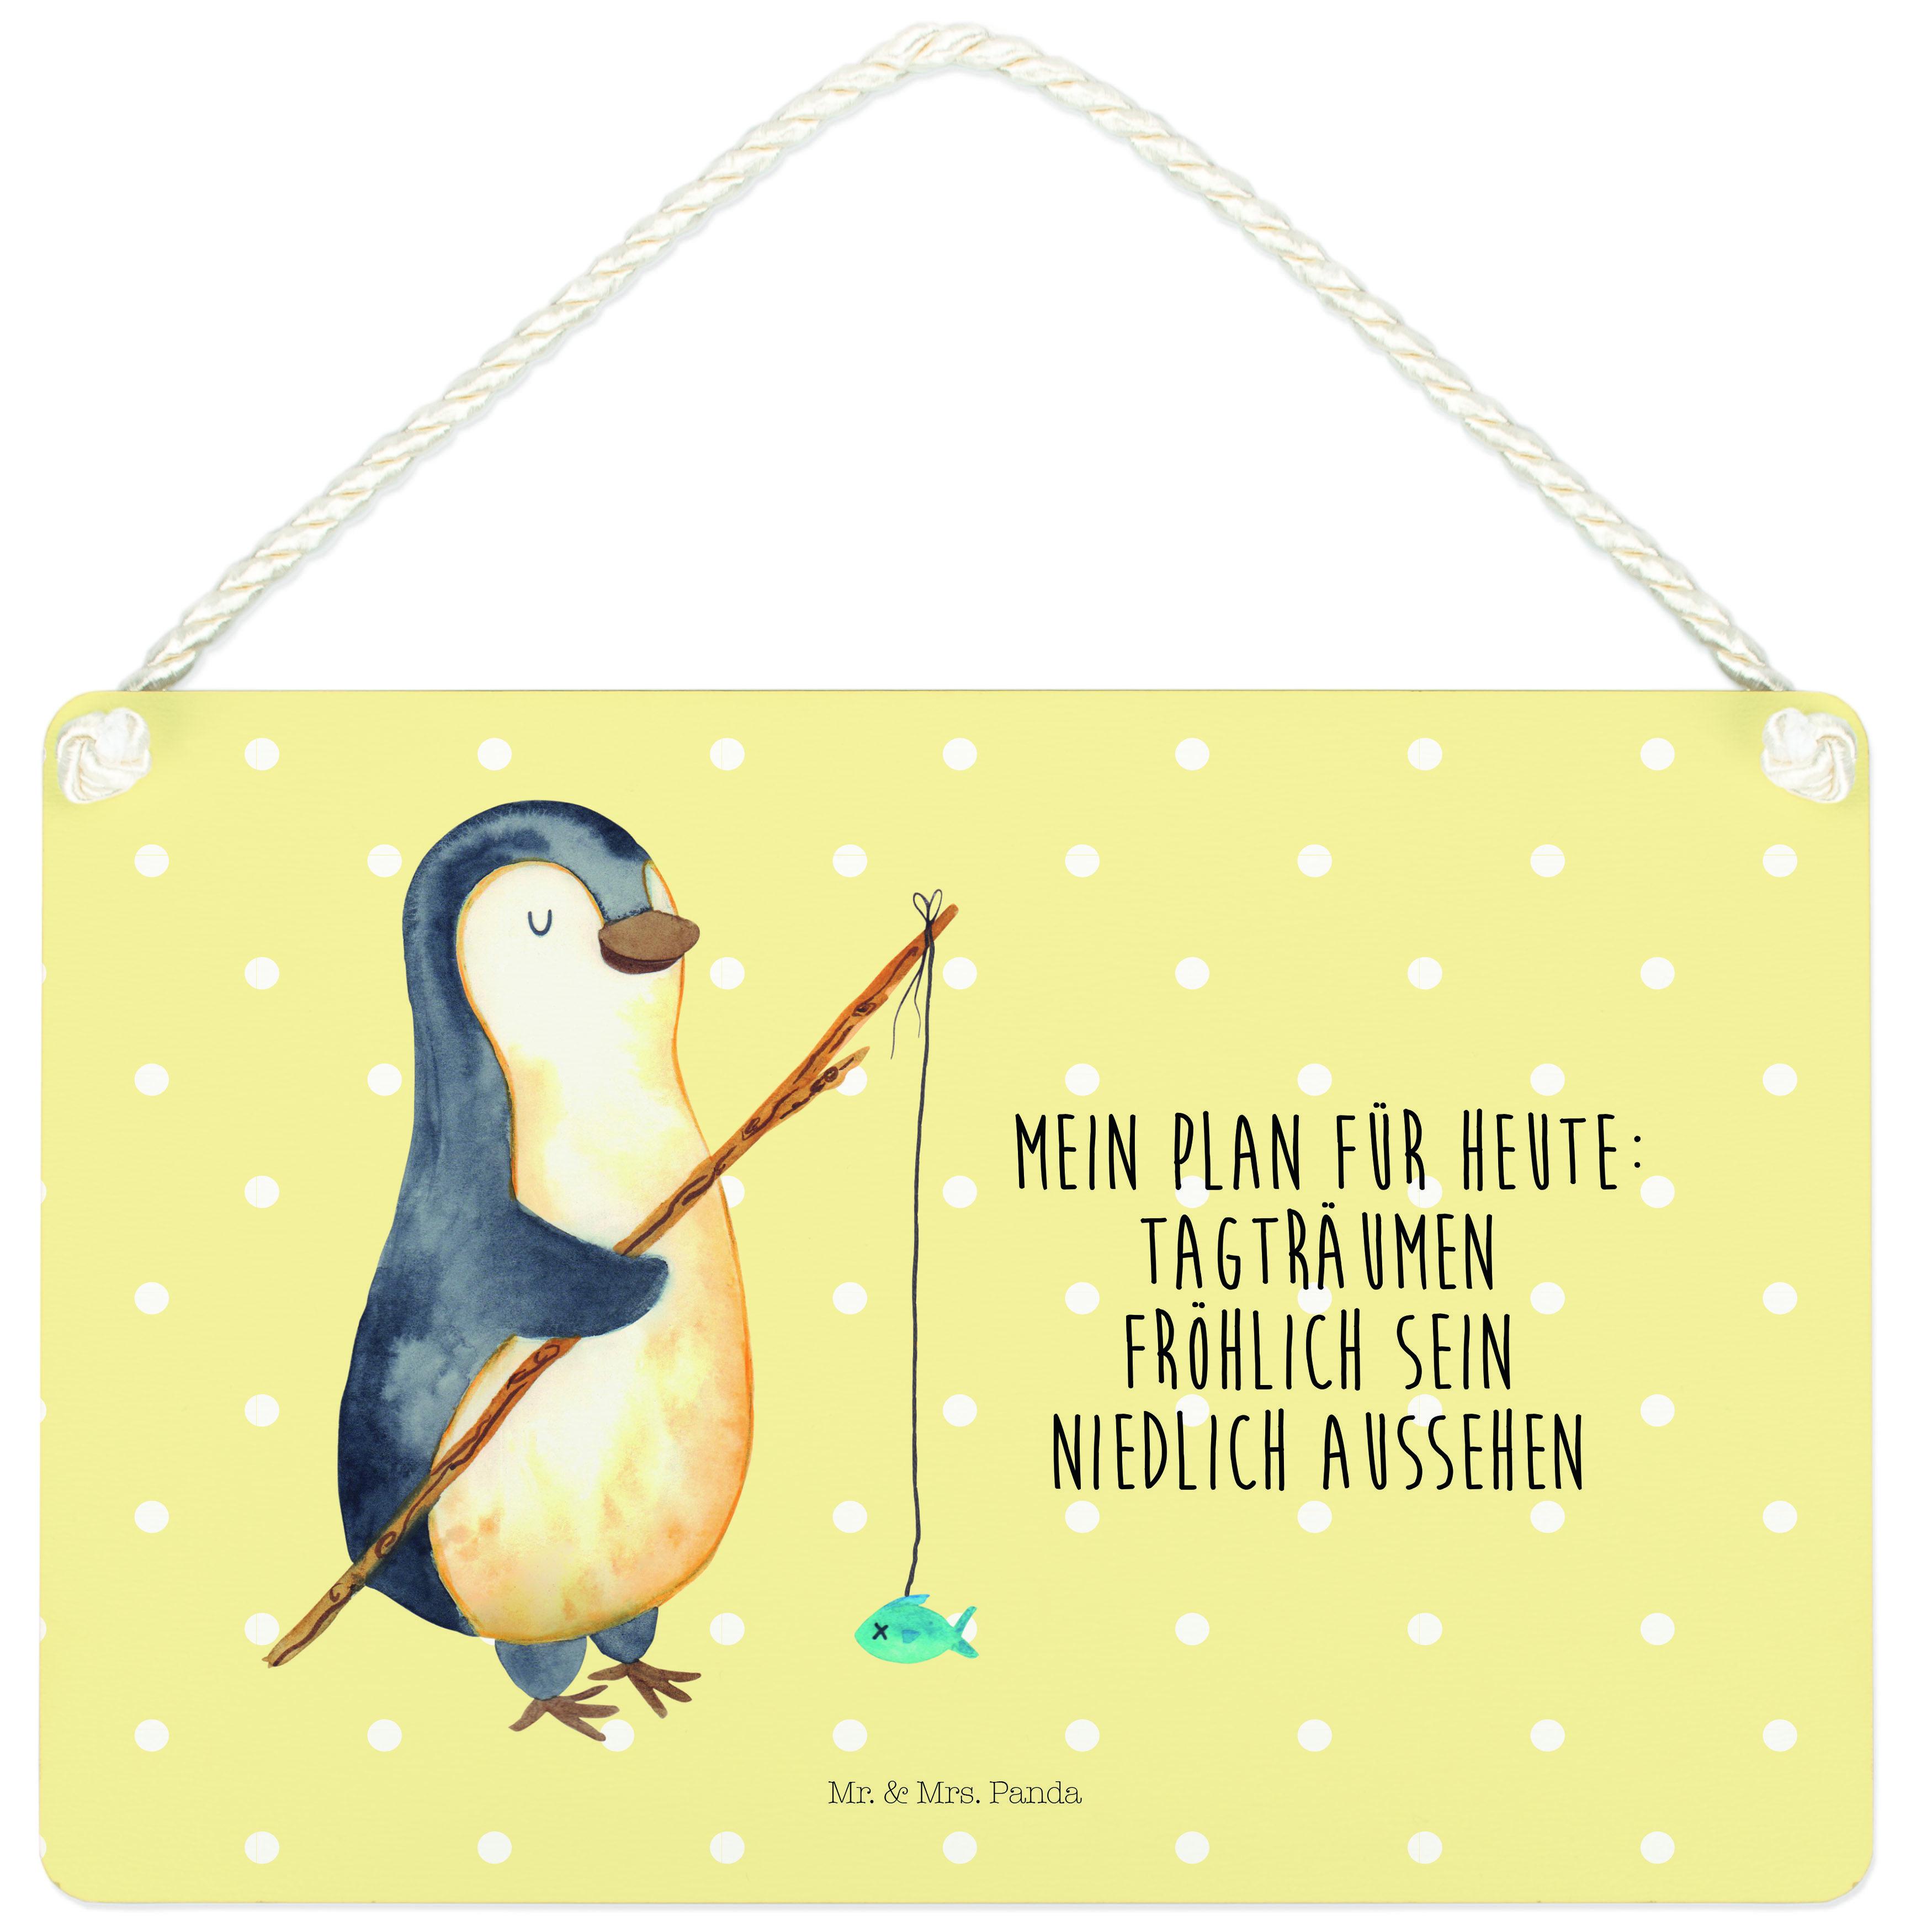 Deko Schild Pinguin Angeler aus MDF  Weiß - Das Original von Mr. & Mrs. Panda.  Ein wunderschönes Schild aus der Manufaktur von Mr. & Mrs. Panda - die Schilder werden von uns direkt nach der Bestellung liebevoll bedruckt und mit einer wunderschönen Kordel zum Aufhängen versehen.    Über unser Motiv Pinguin Angeler      Verwendete Materialien  Gefertigt aus widerstandsfähigem und hochwertigen Materialien    Über Mr. & Mrs. Panda  Mr. & Mrs. Panda - das sind wir - ein junges Pärchen aus dem Norden